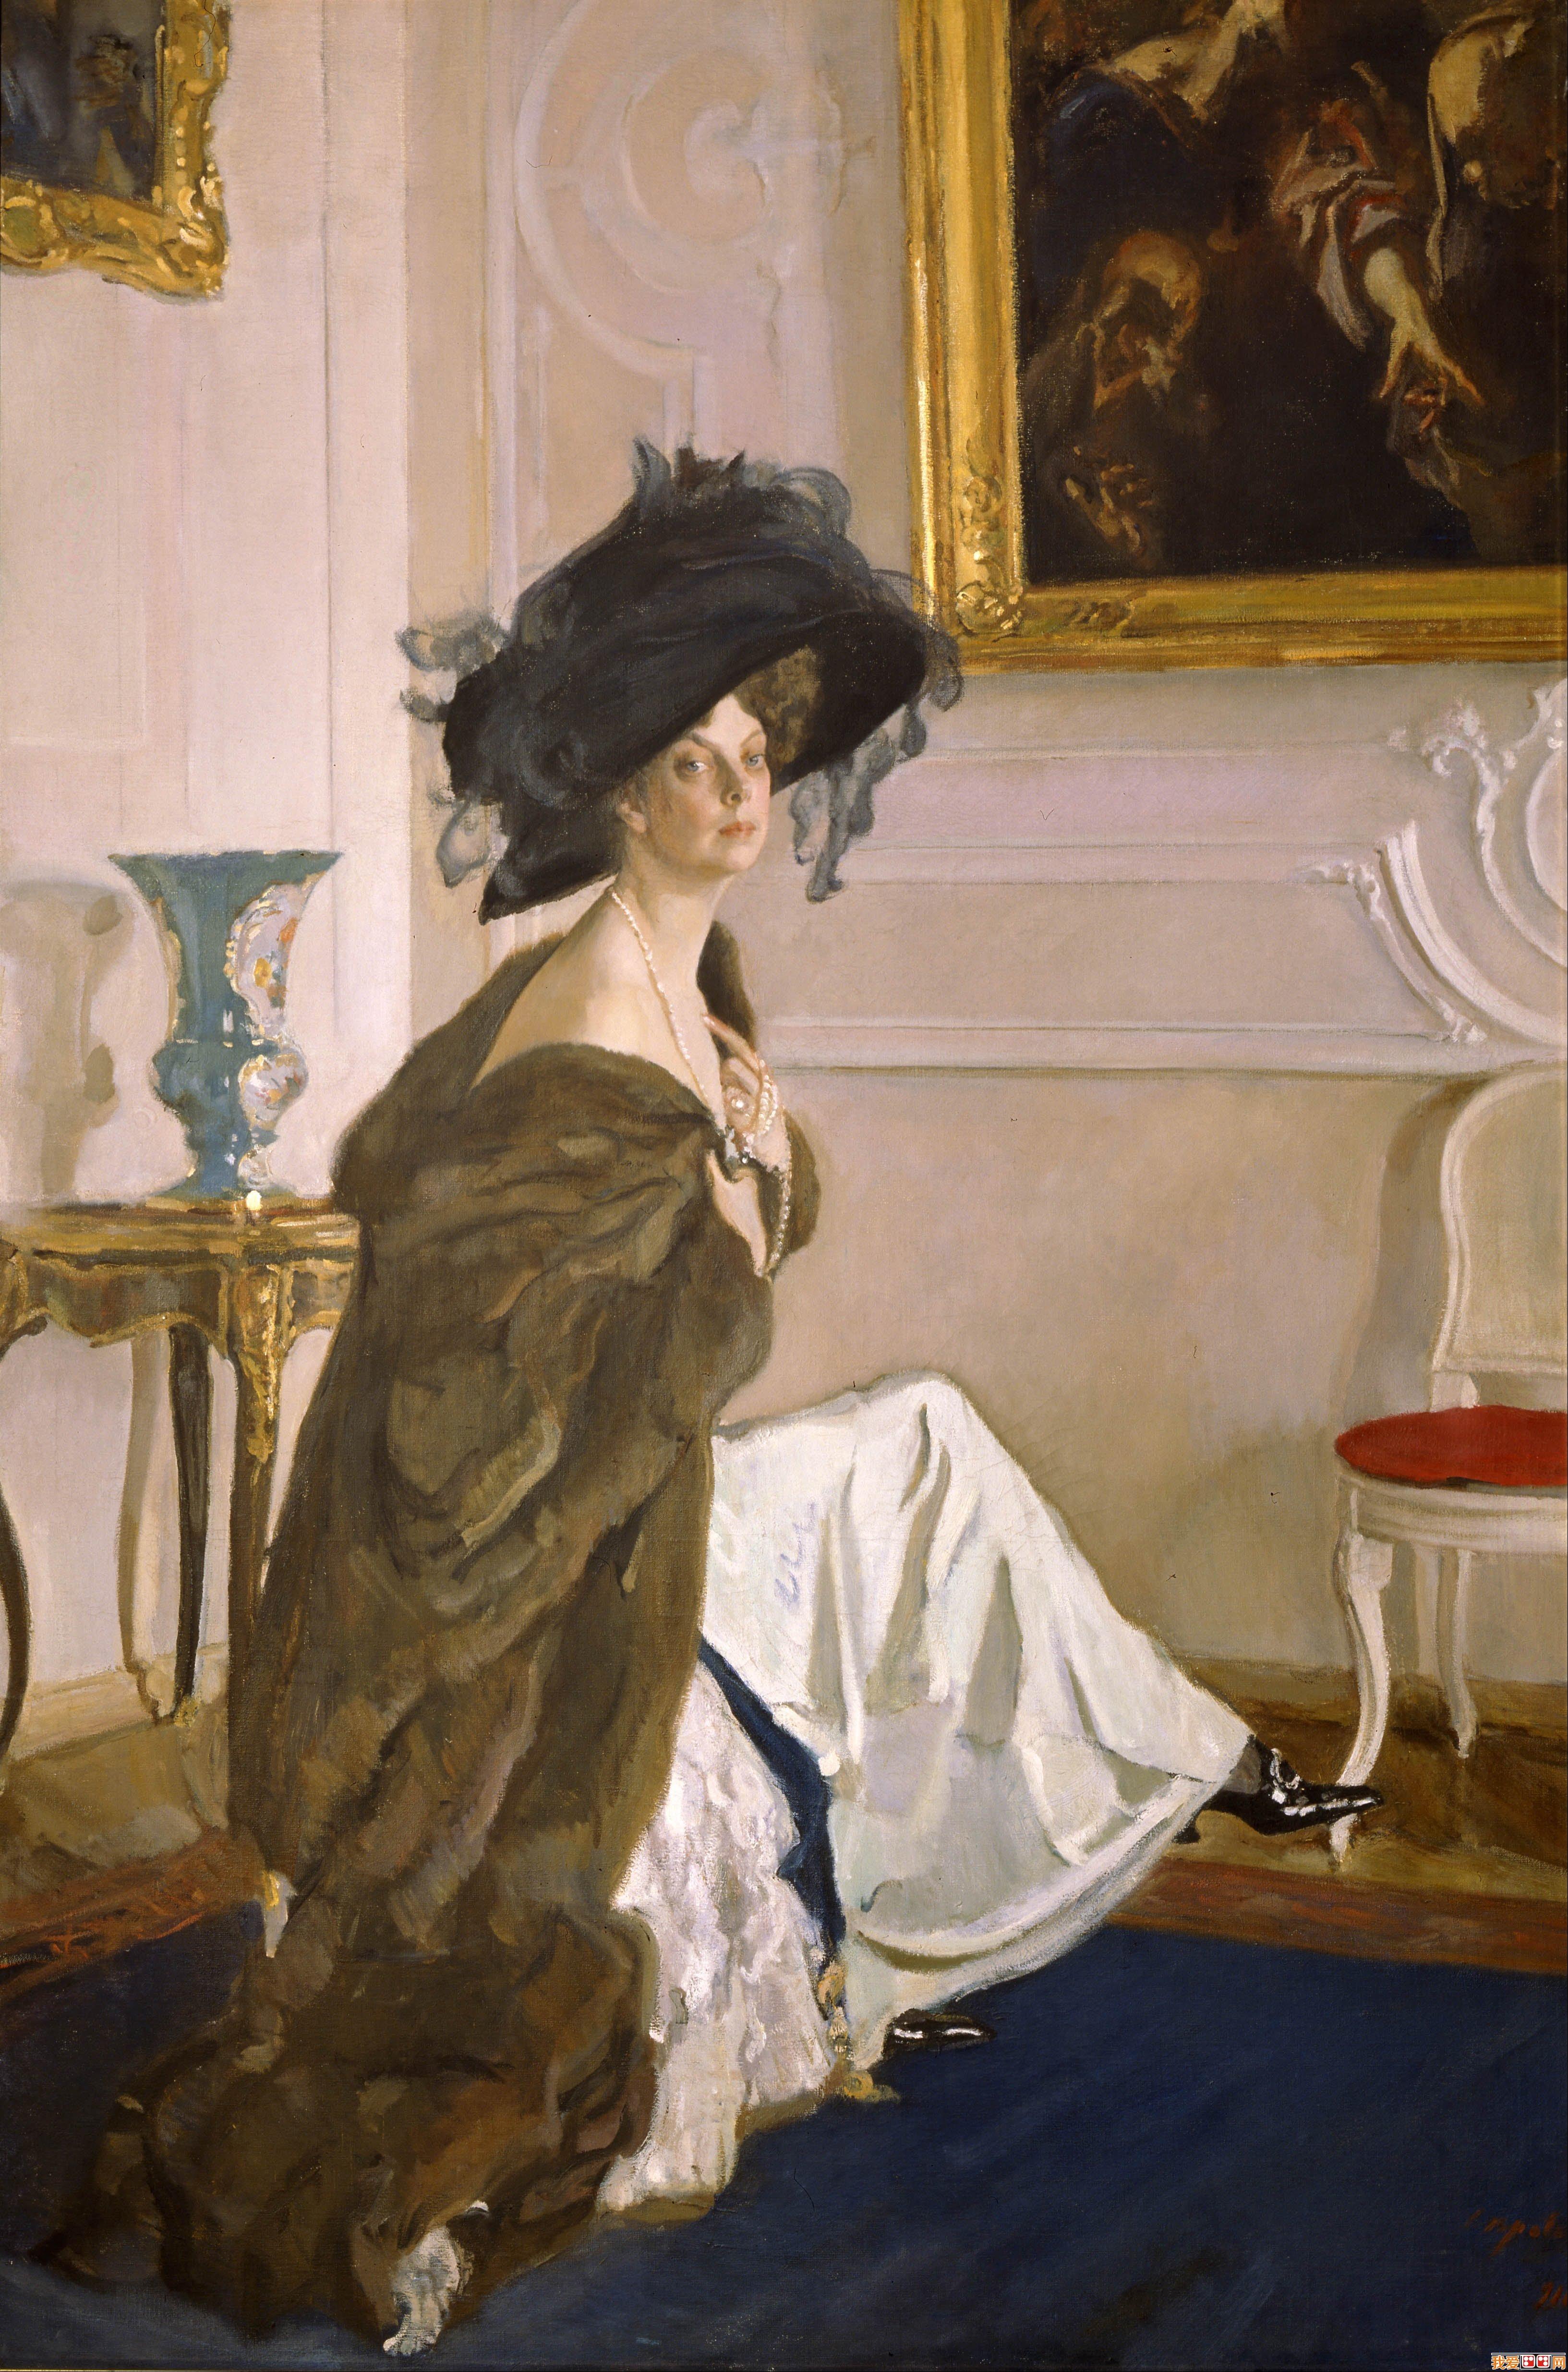 画家谢洛夫女性人物油画作品《-俄国杰出的人物肖像画家谢洛夫人物